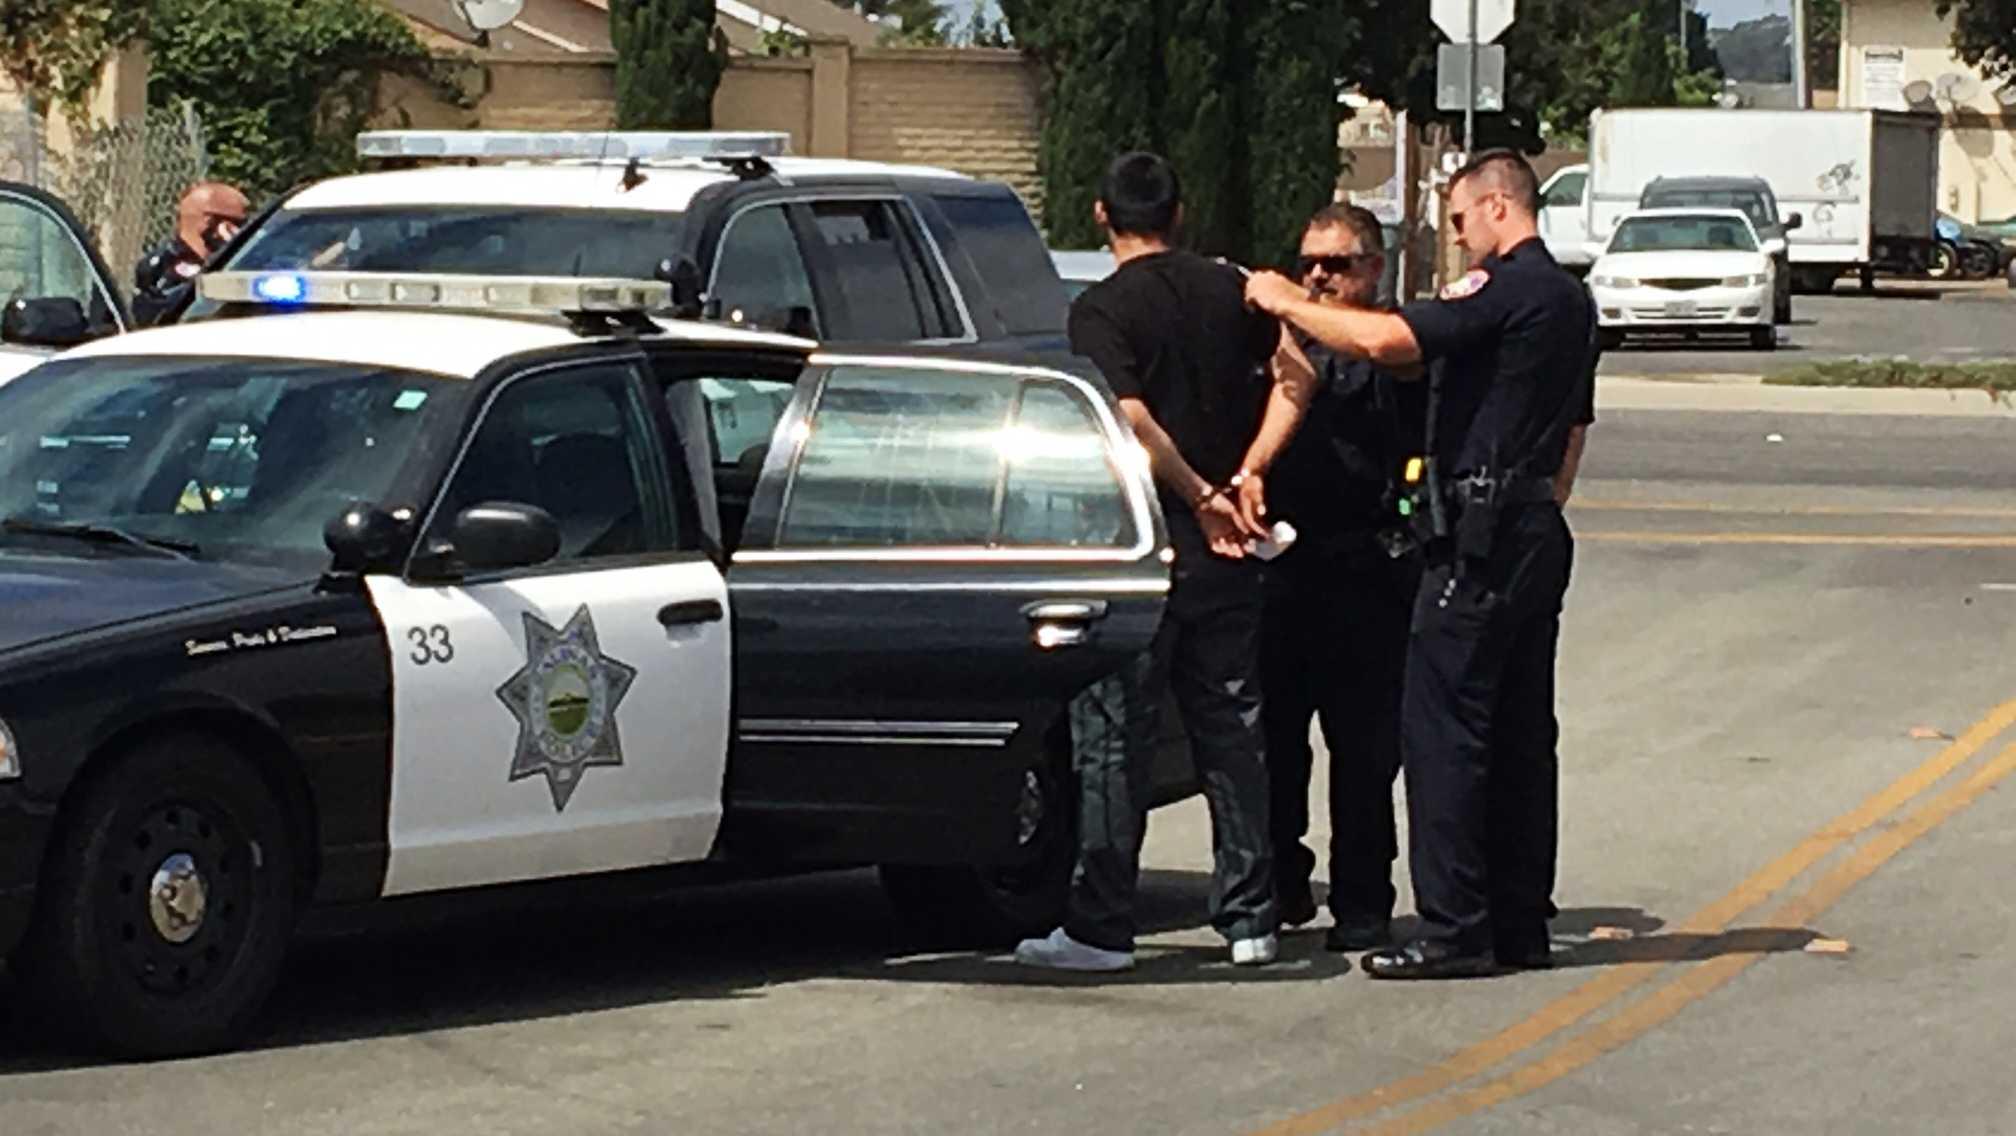 Salinas police take a suspect into custody